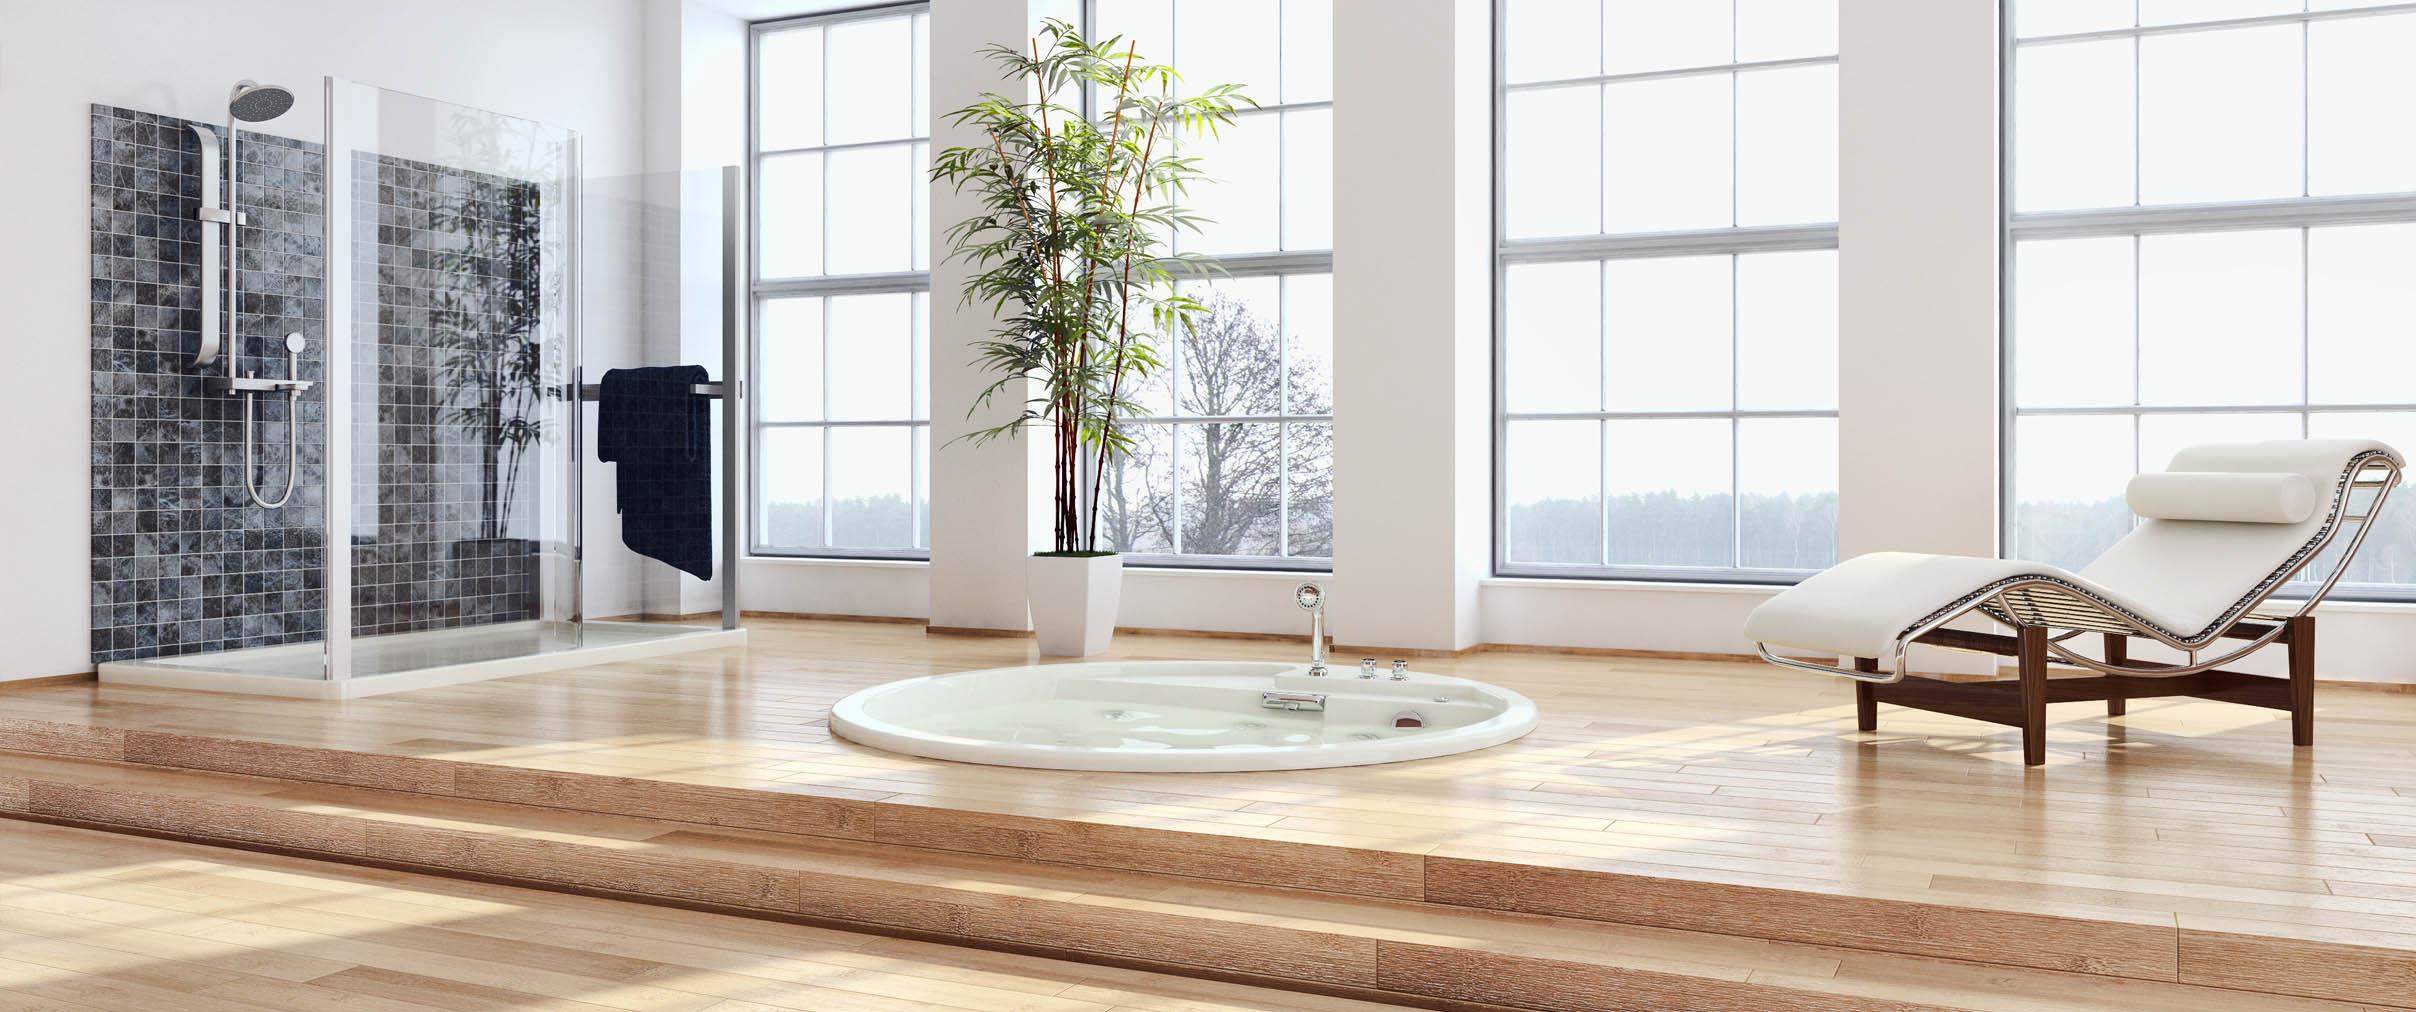 Vendita di pavimento in finto legno - Pavimento esterno finto legno ...